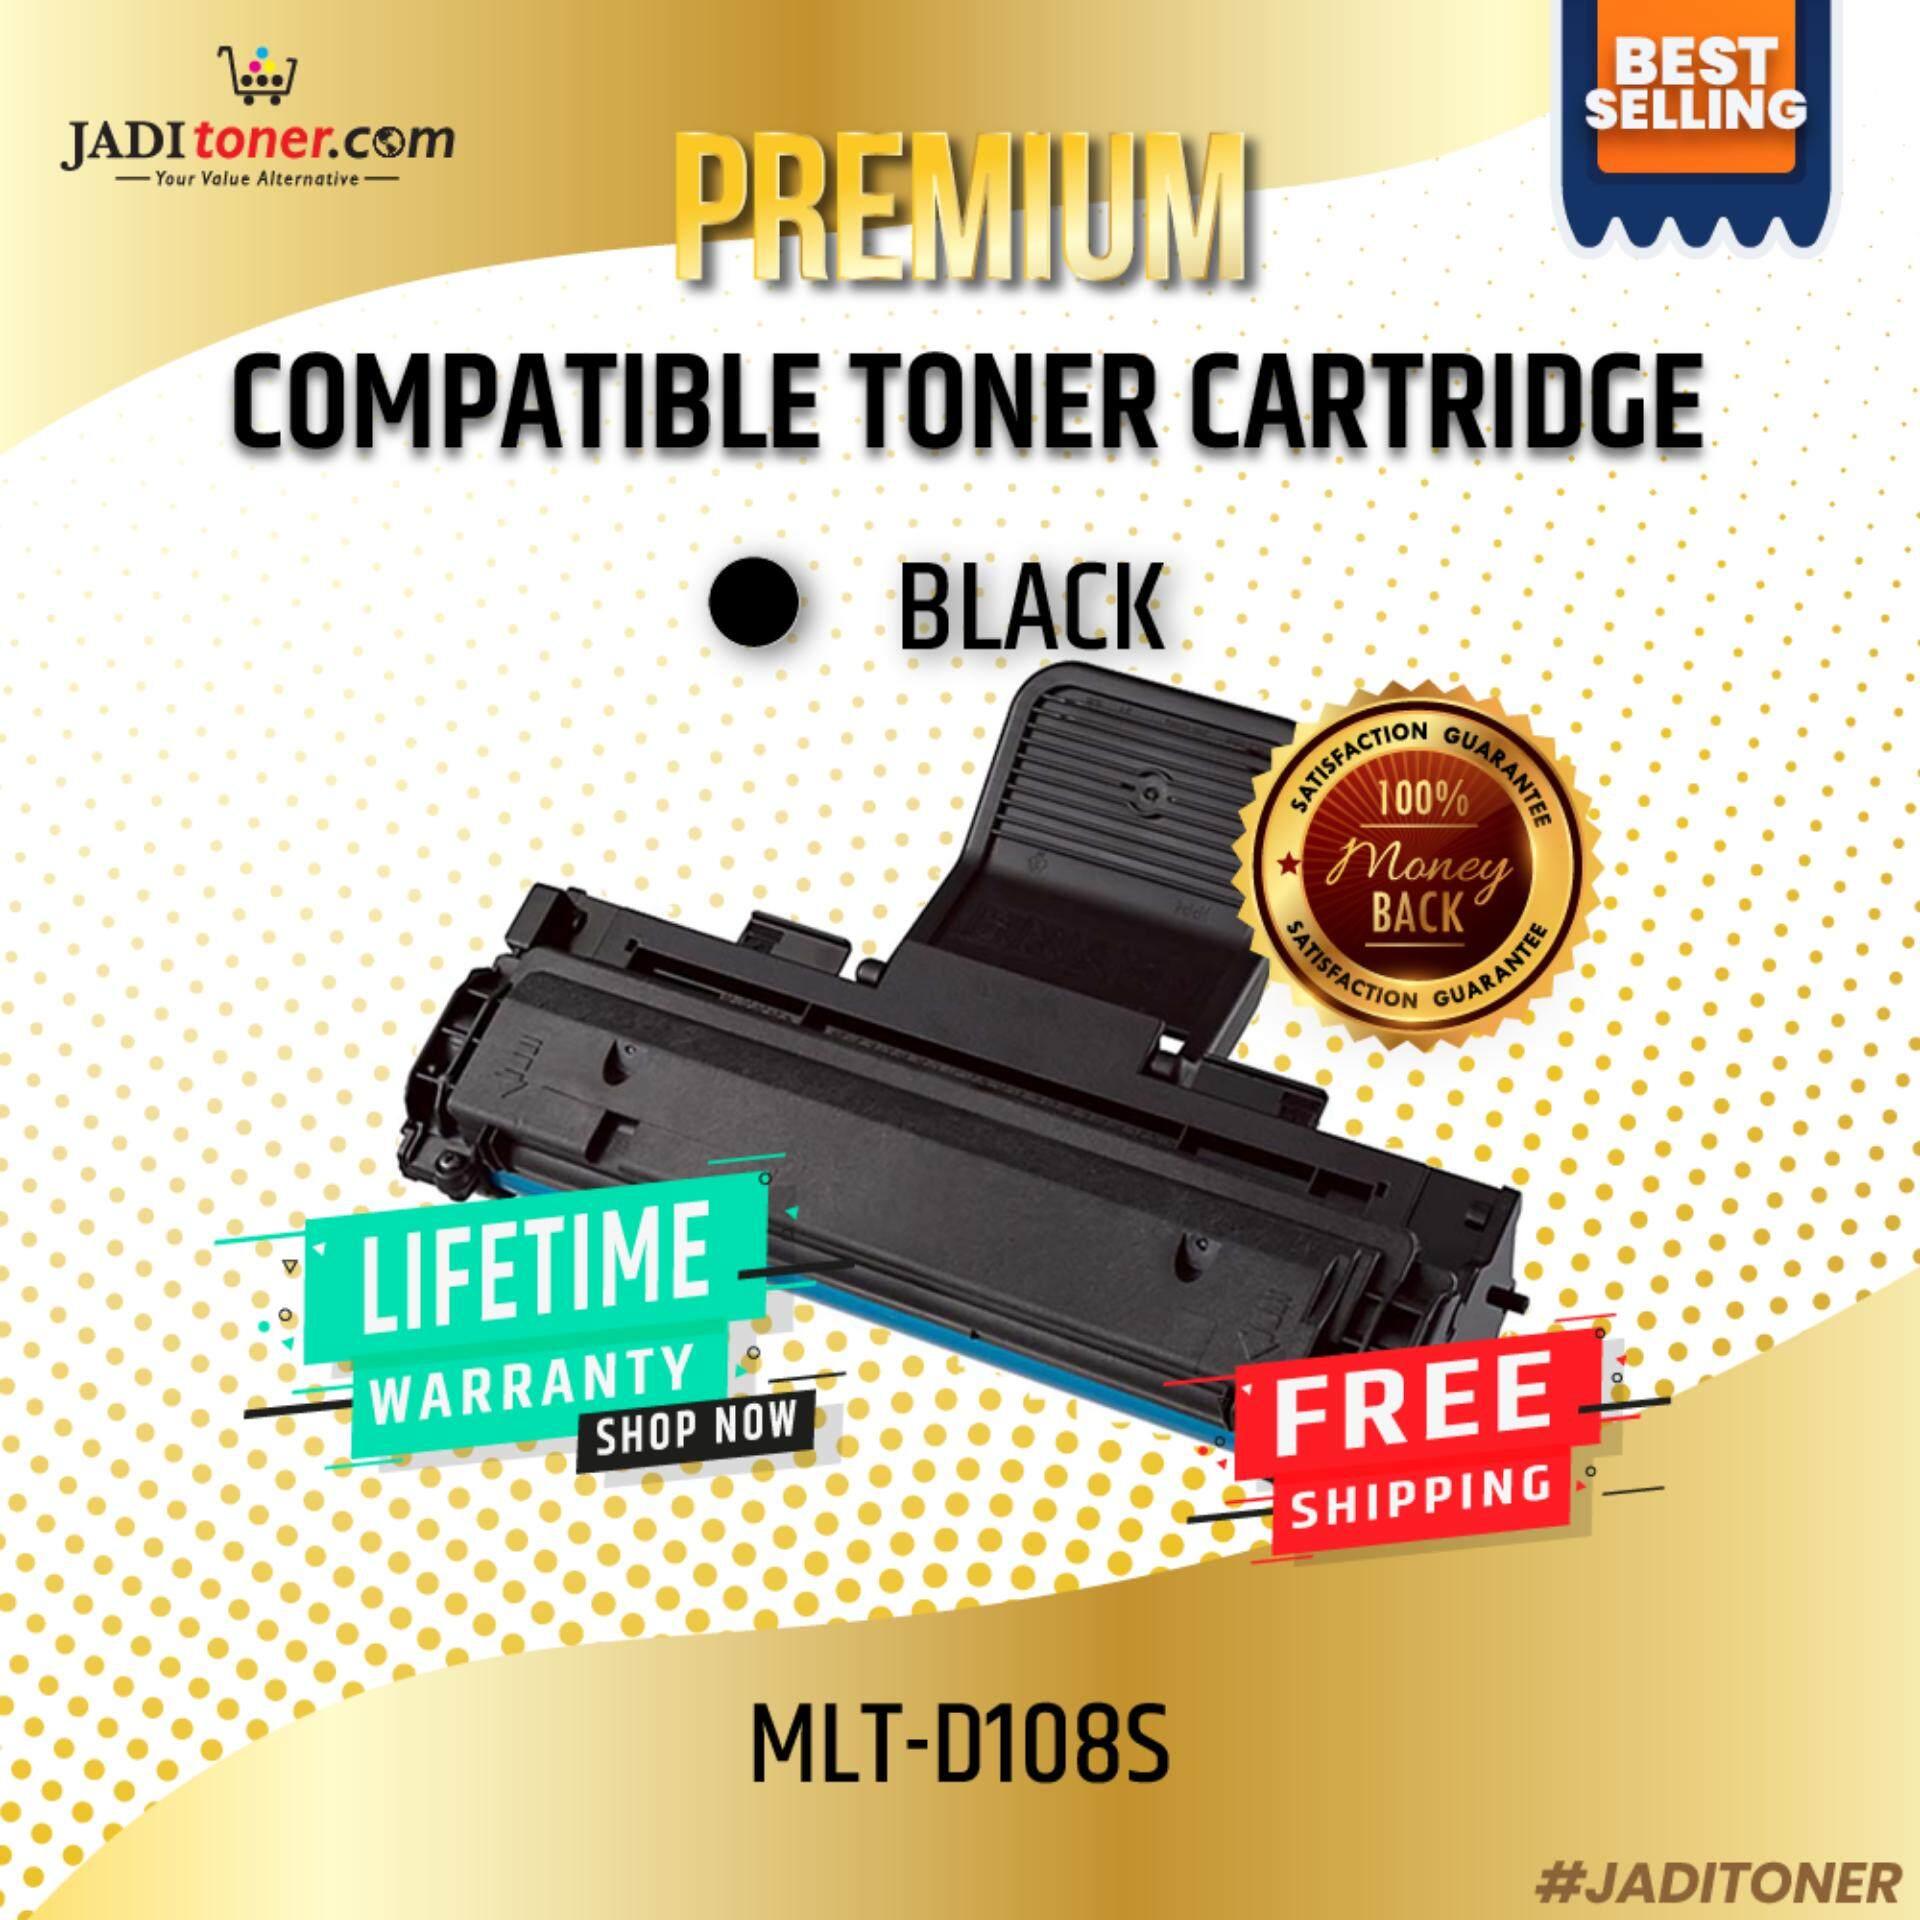 Compatible MLT-D108S Laser Toner Cartridge For Samsung ML-1640 / Samsung ML-1641 / Samsung ML-2240 / Samsung ML-2241 Samsung 108S MLT-108S MLT-D108 MLT-108 D108S MLTD108S Samsung ML1640 / Samsung ML1641 / Samsung ML2240 / Samsung ML2241